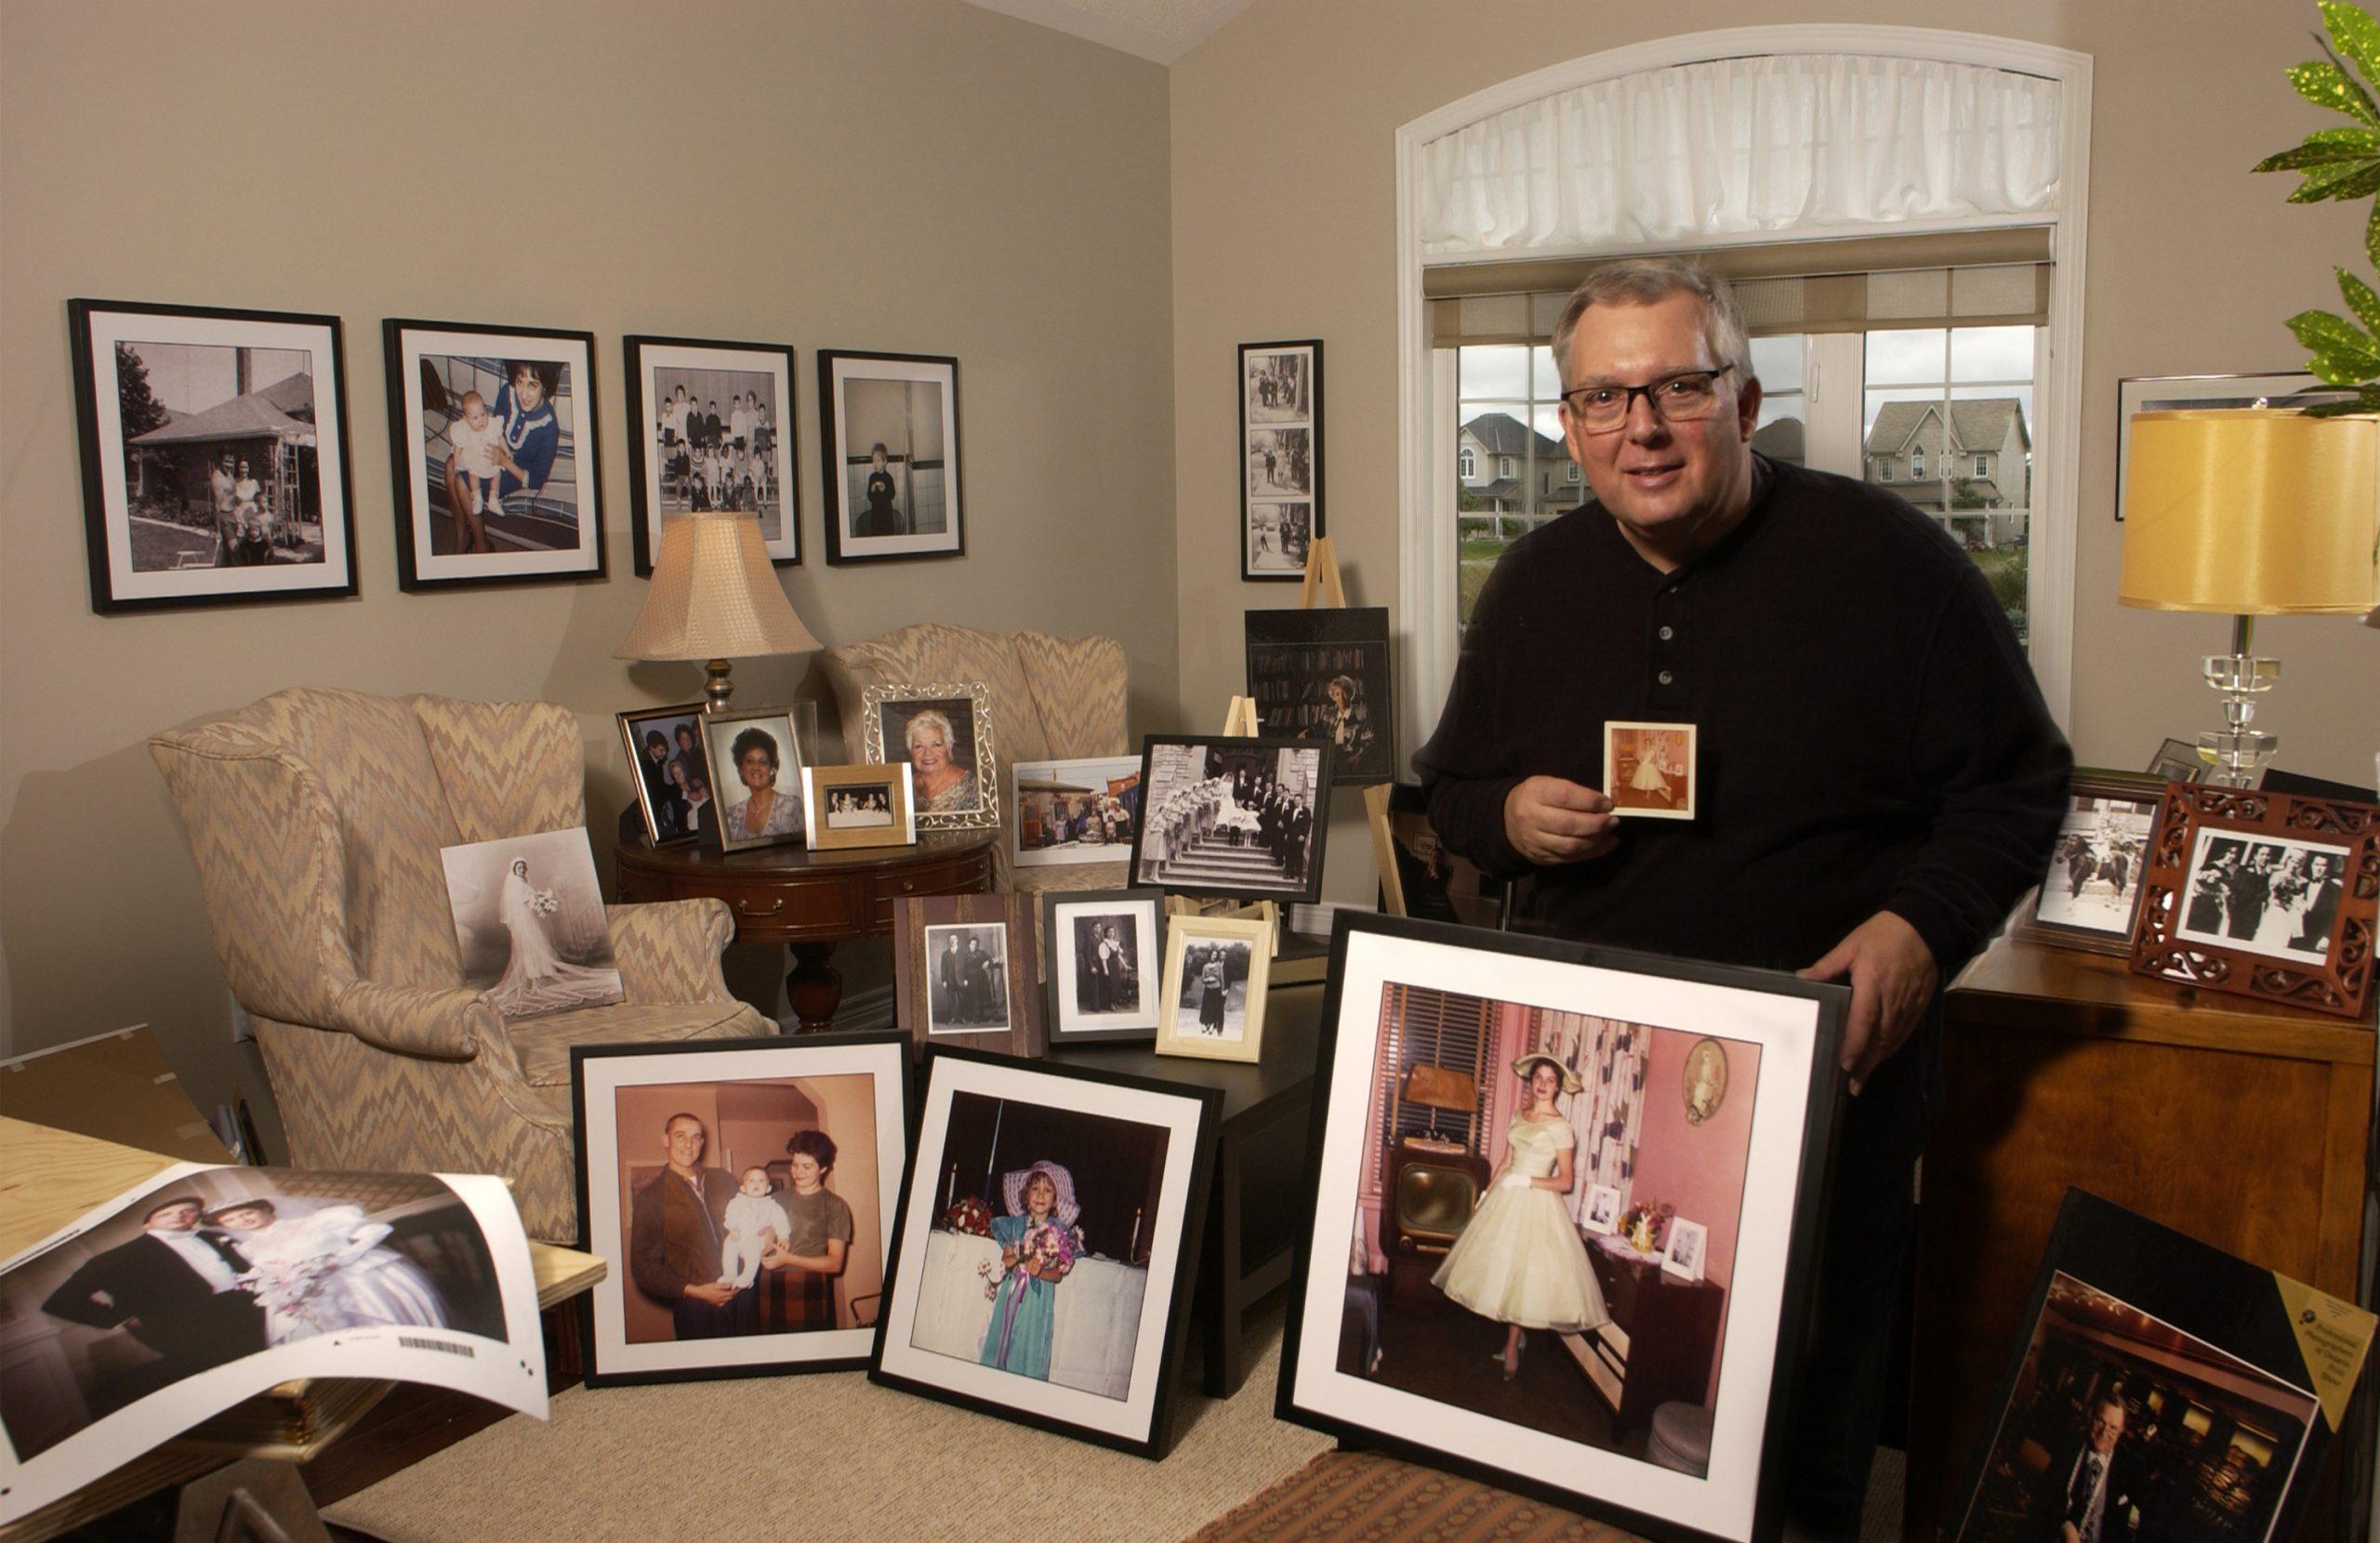 Robert Waskul, RJW Digital Imaging